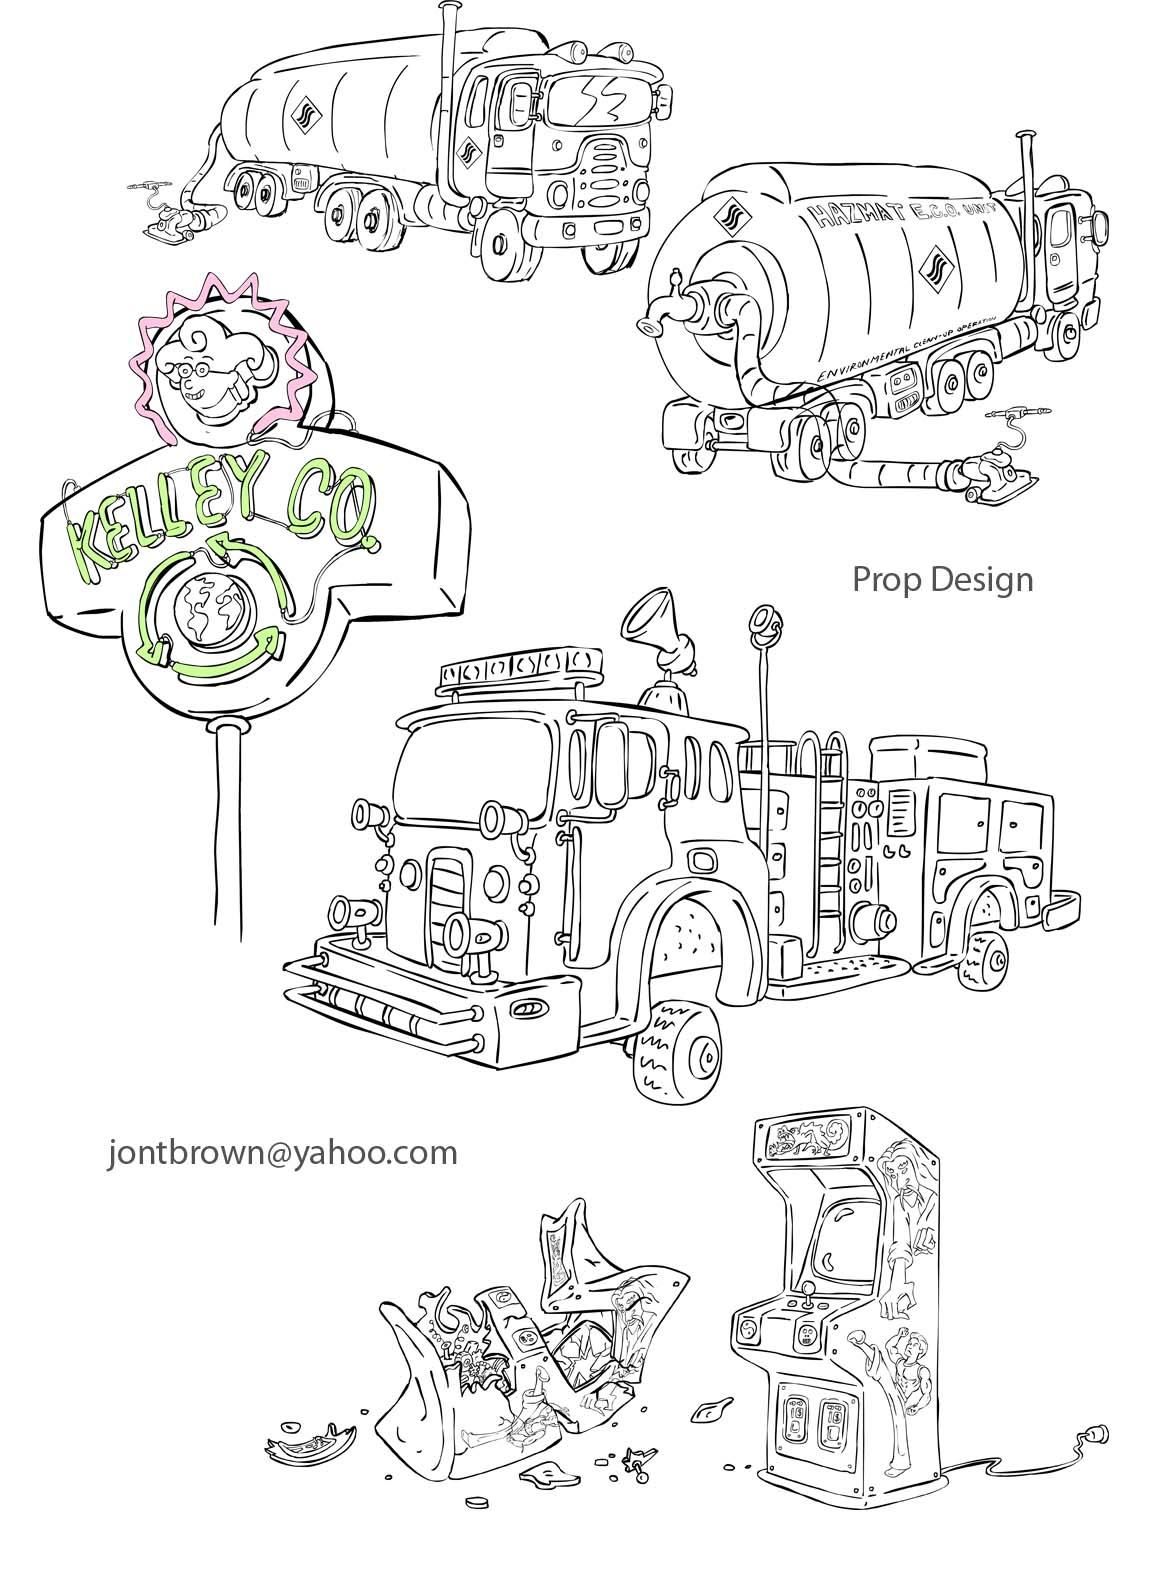 Prop Design Composite 4